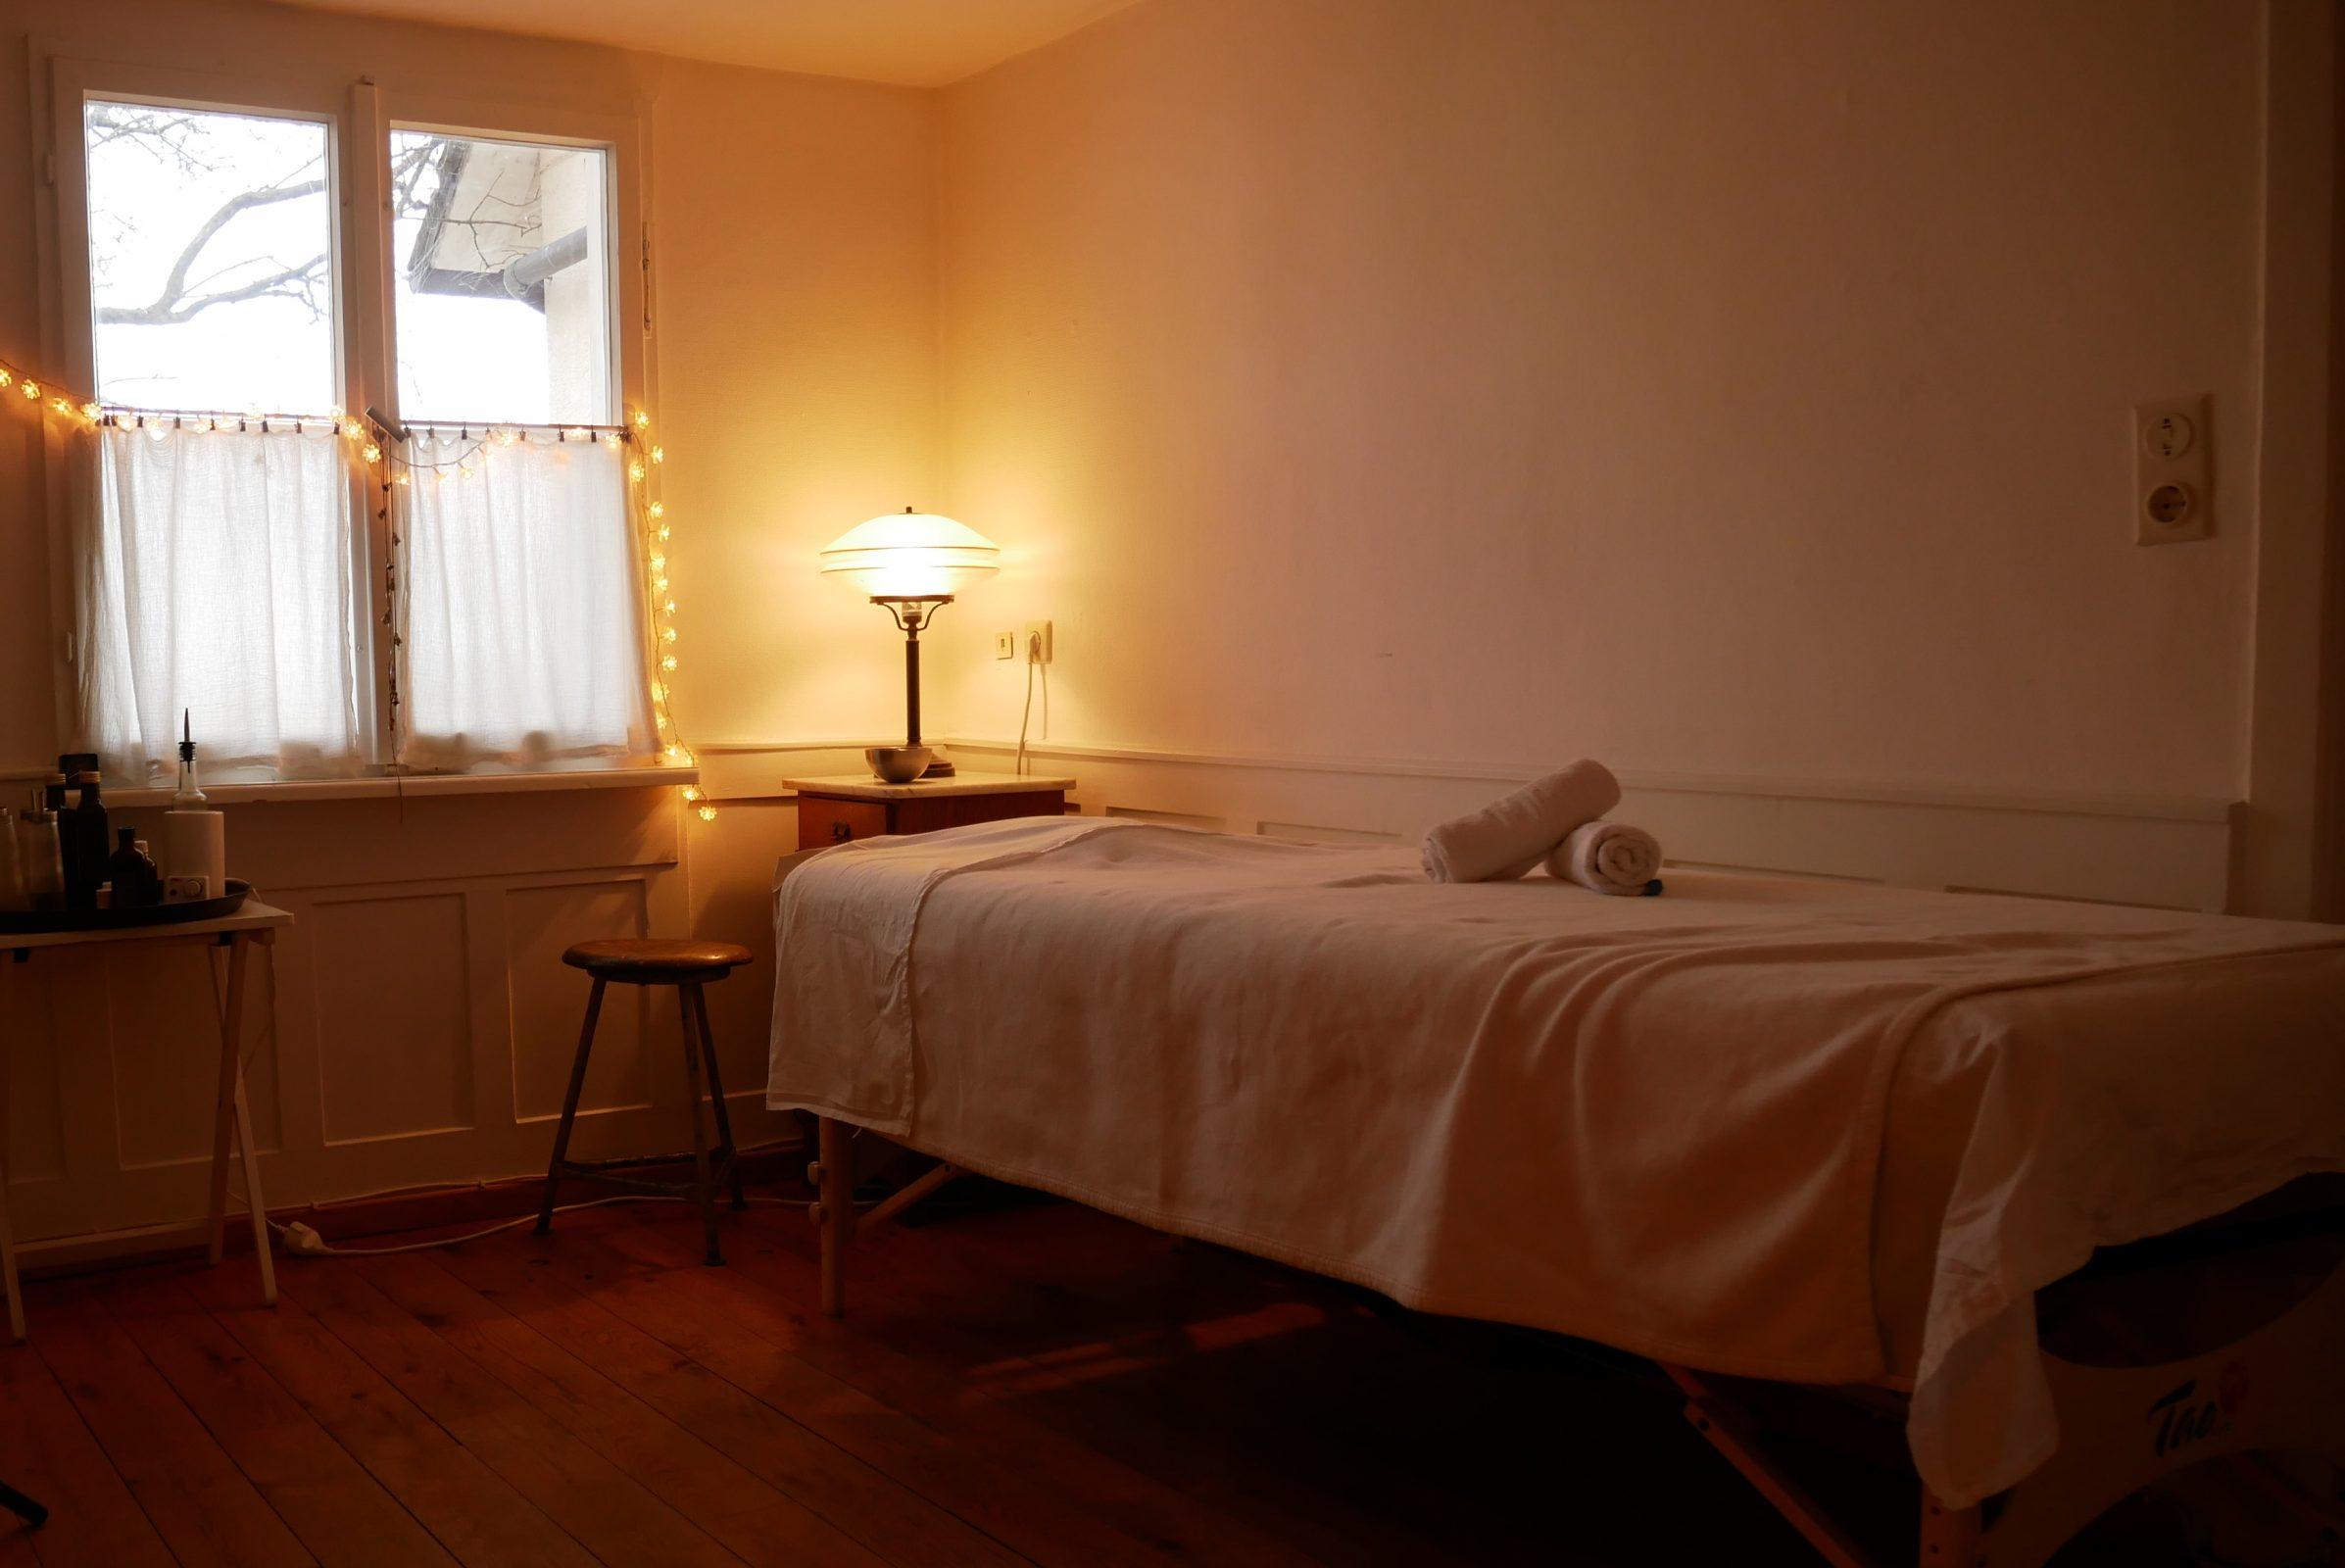 Raum für Ayurveda & Yoga in Salem nahe Überlingen, Bodensee. Massagen, Coaching, Ernährungsberatung, Körperarbeit.